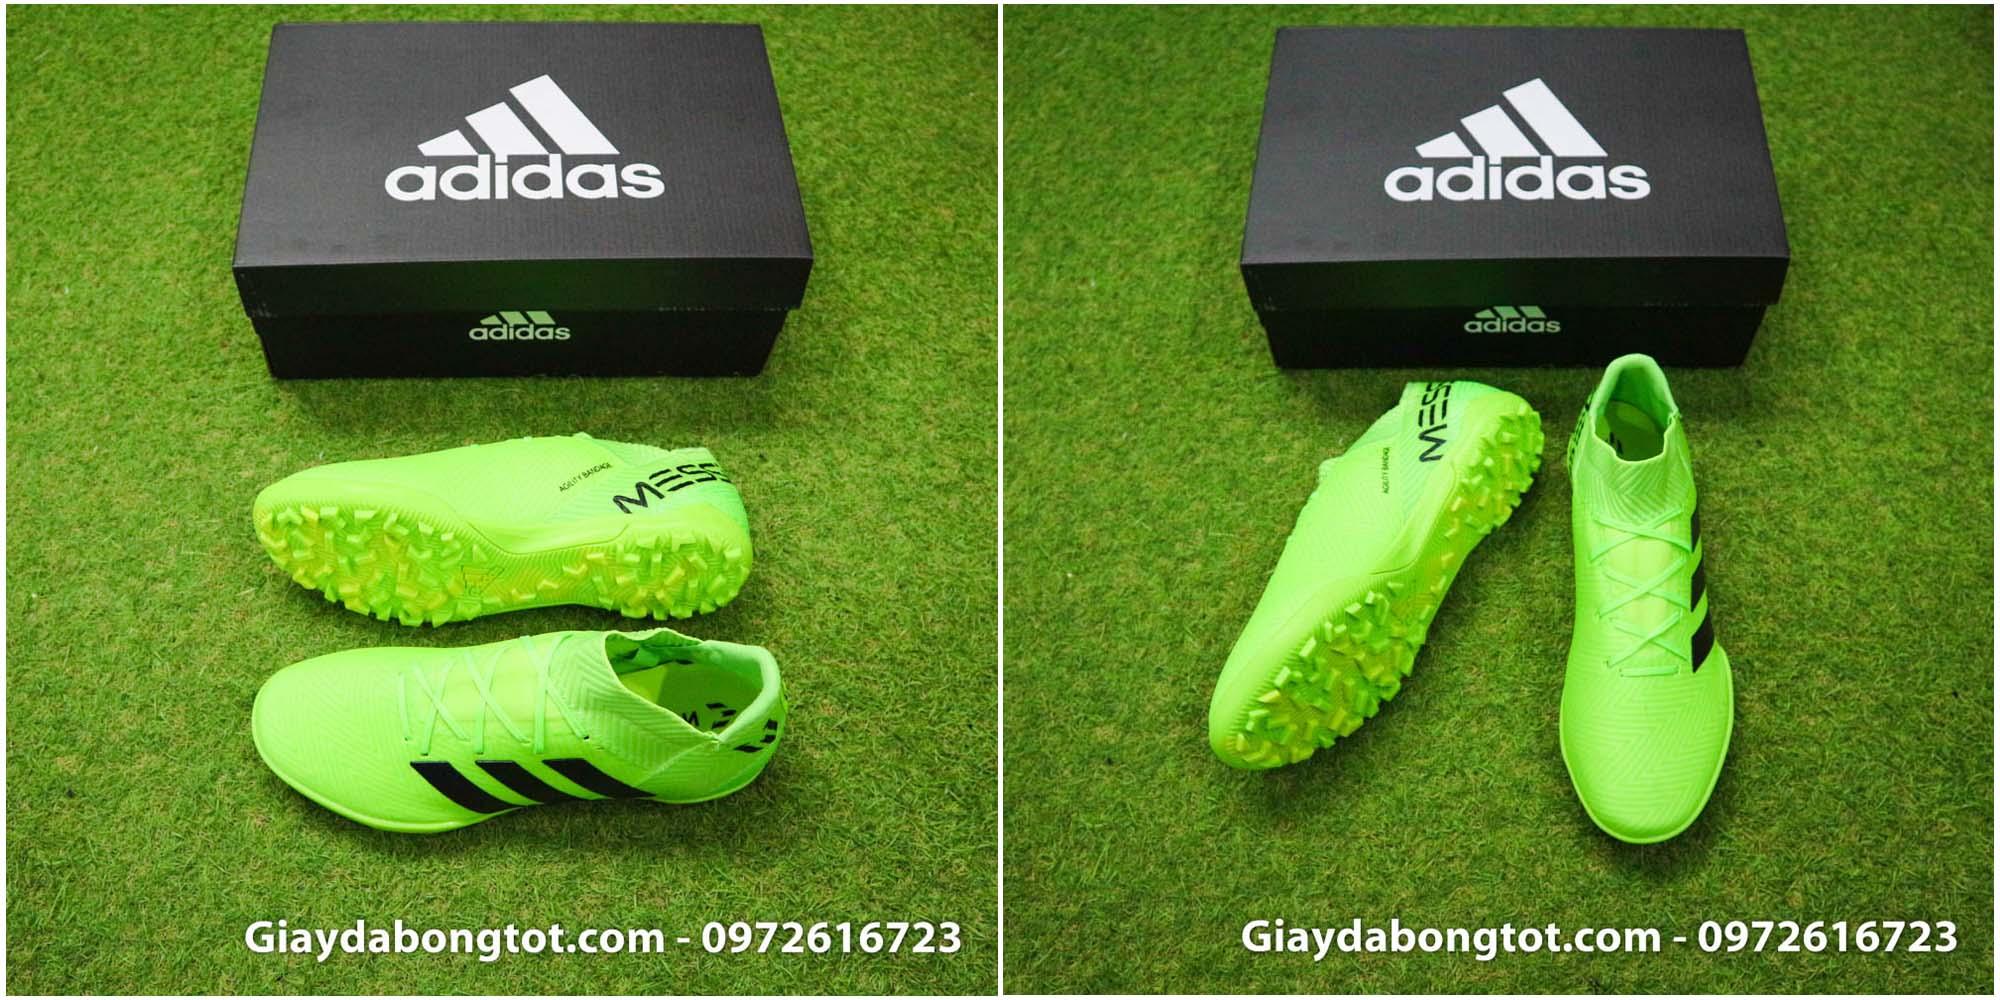 Giày Adidas Nemeziz 18.3 TF có khả năng chống nước tốt với độ bền cực cao